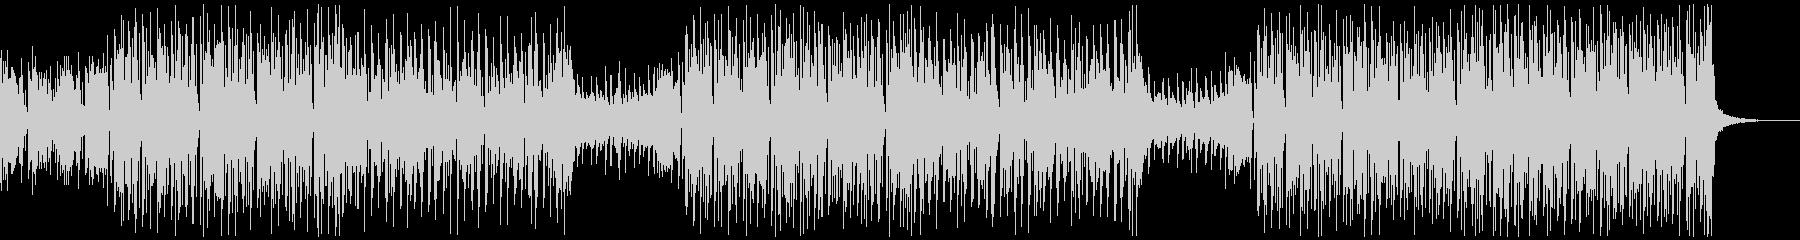 ファンキー/クール/おしゃれシティポップの未再生の波形